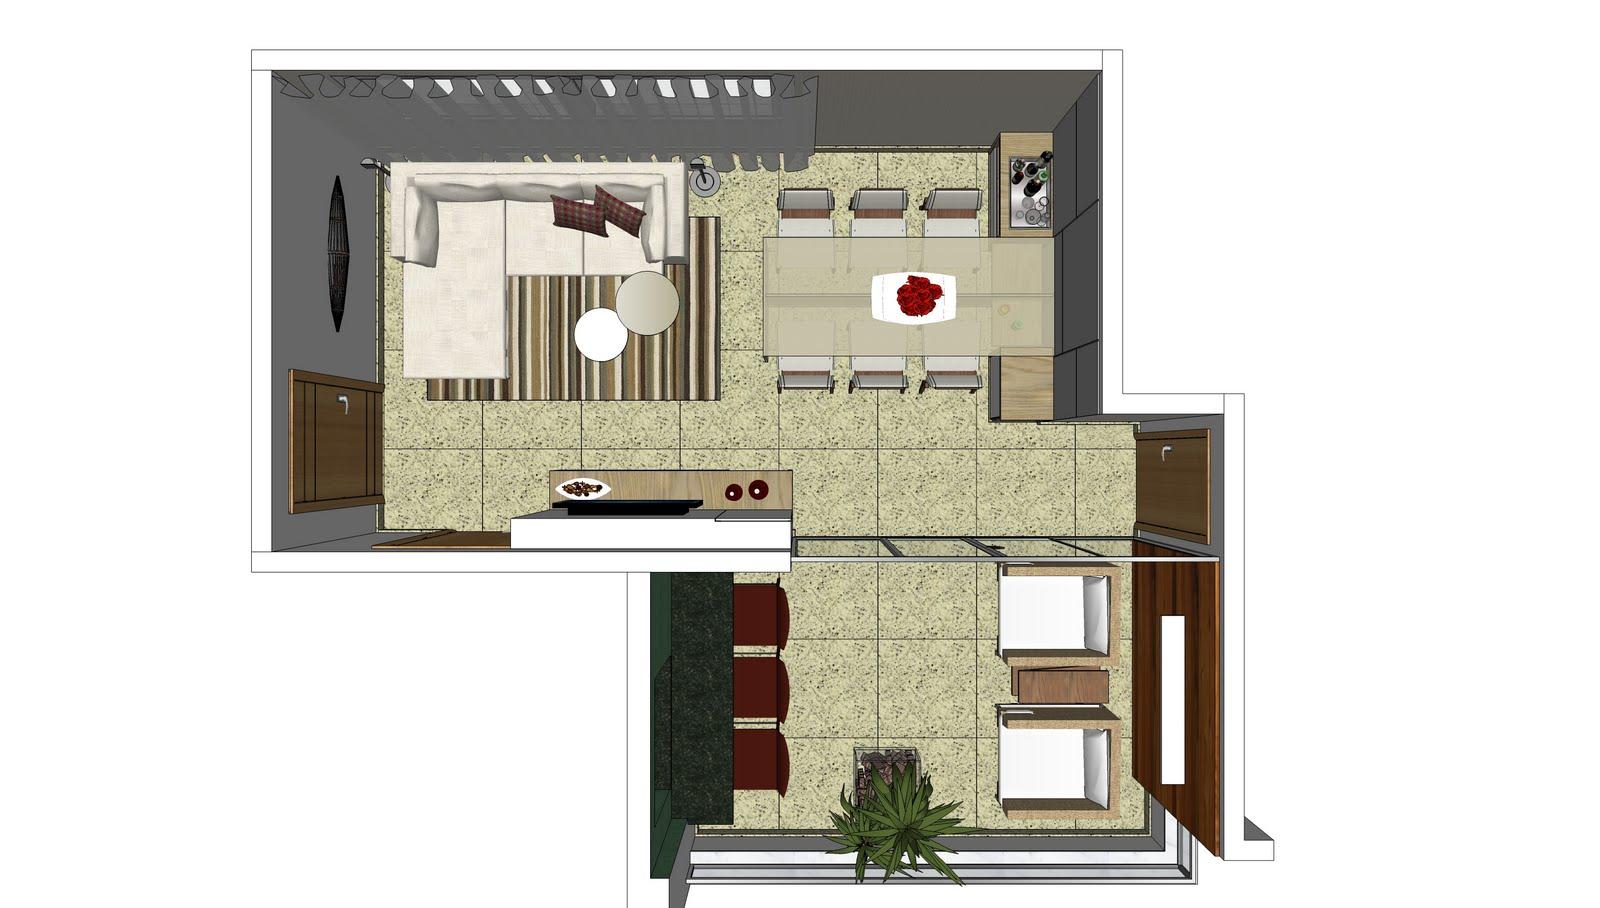 Paula caldeira projeto apartamento bairro gutierrez 2 for Sala de estar vista desde arriba